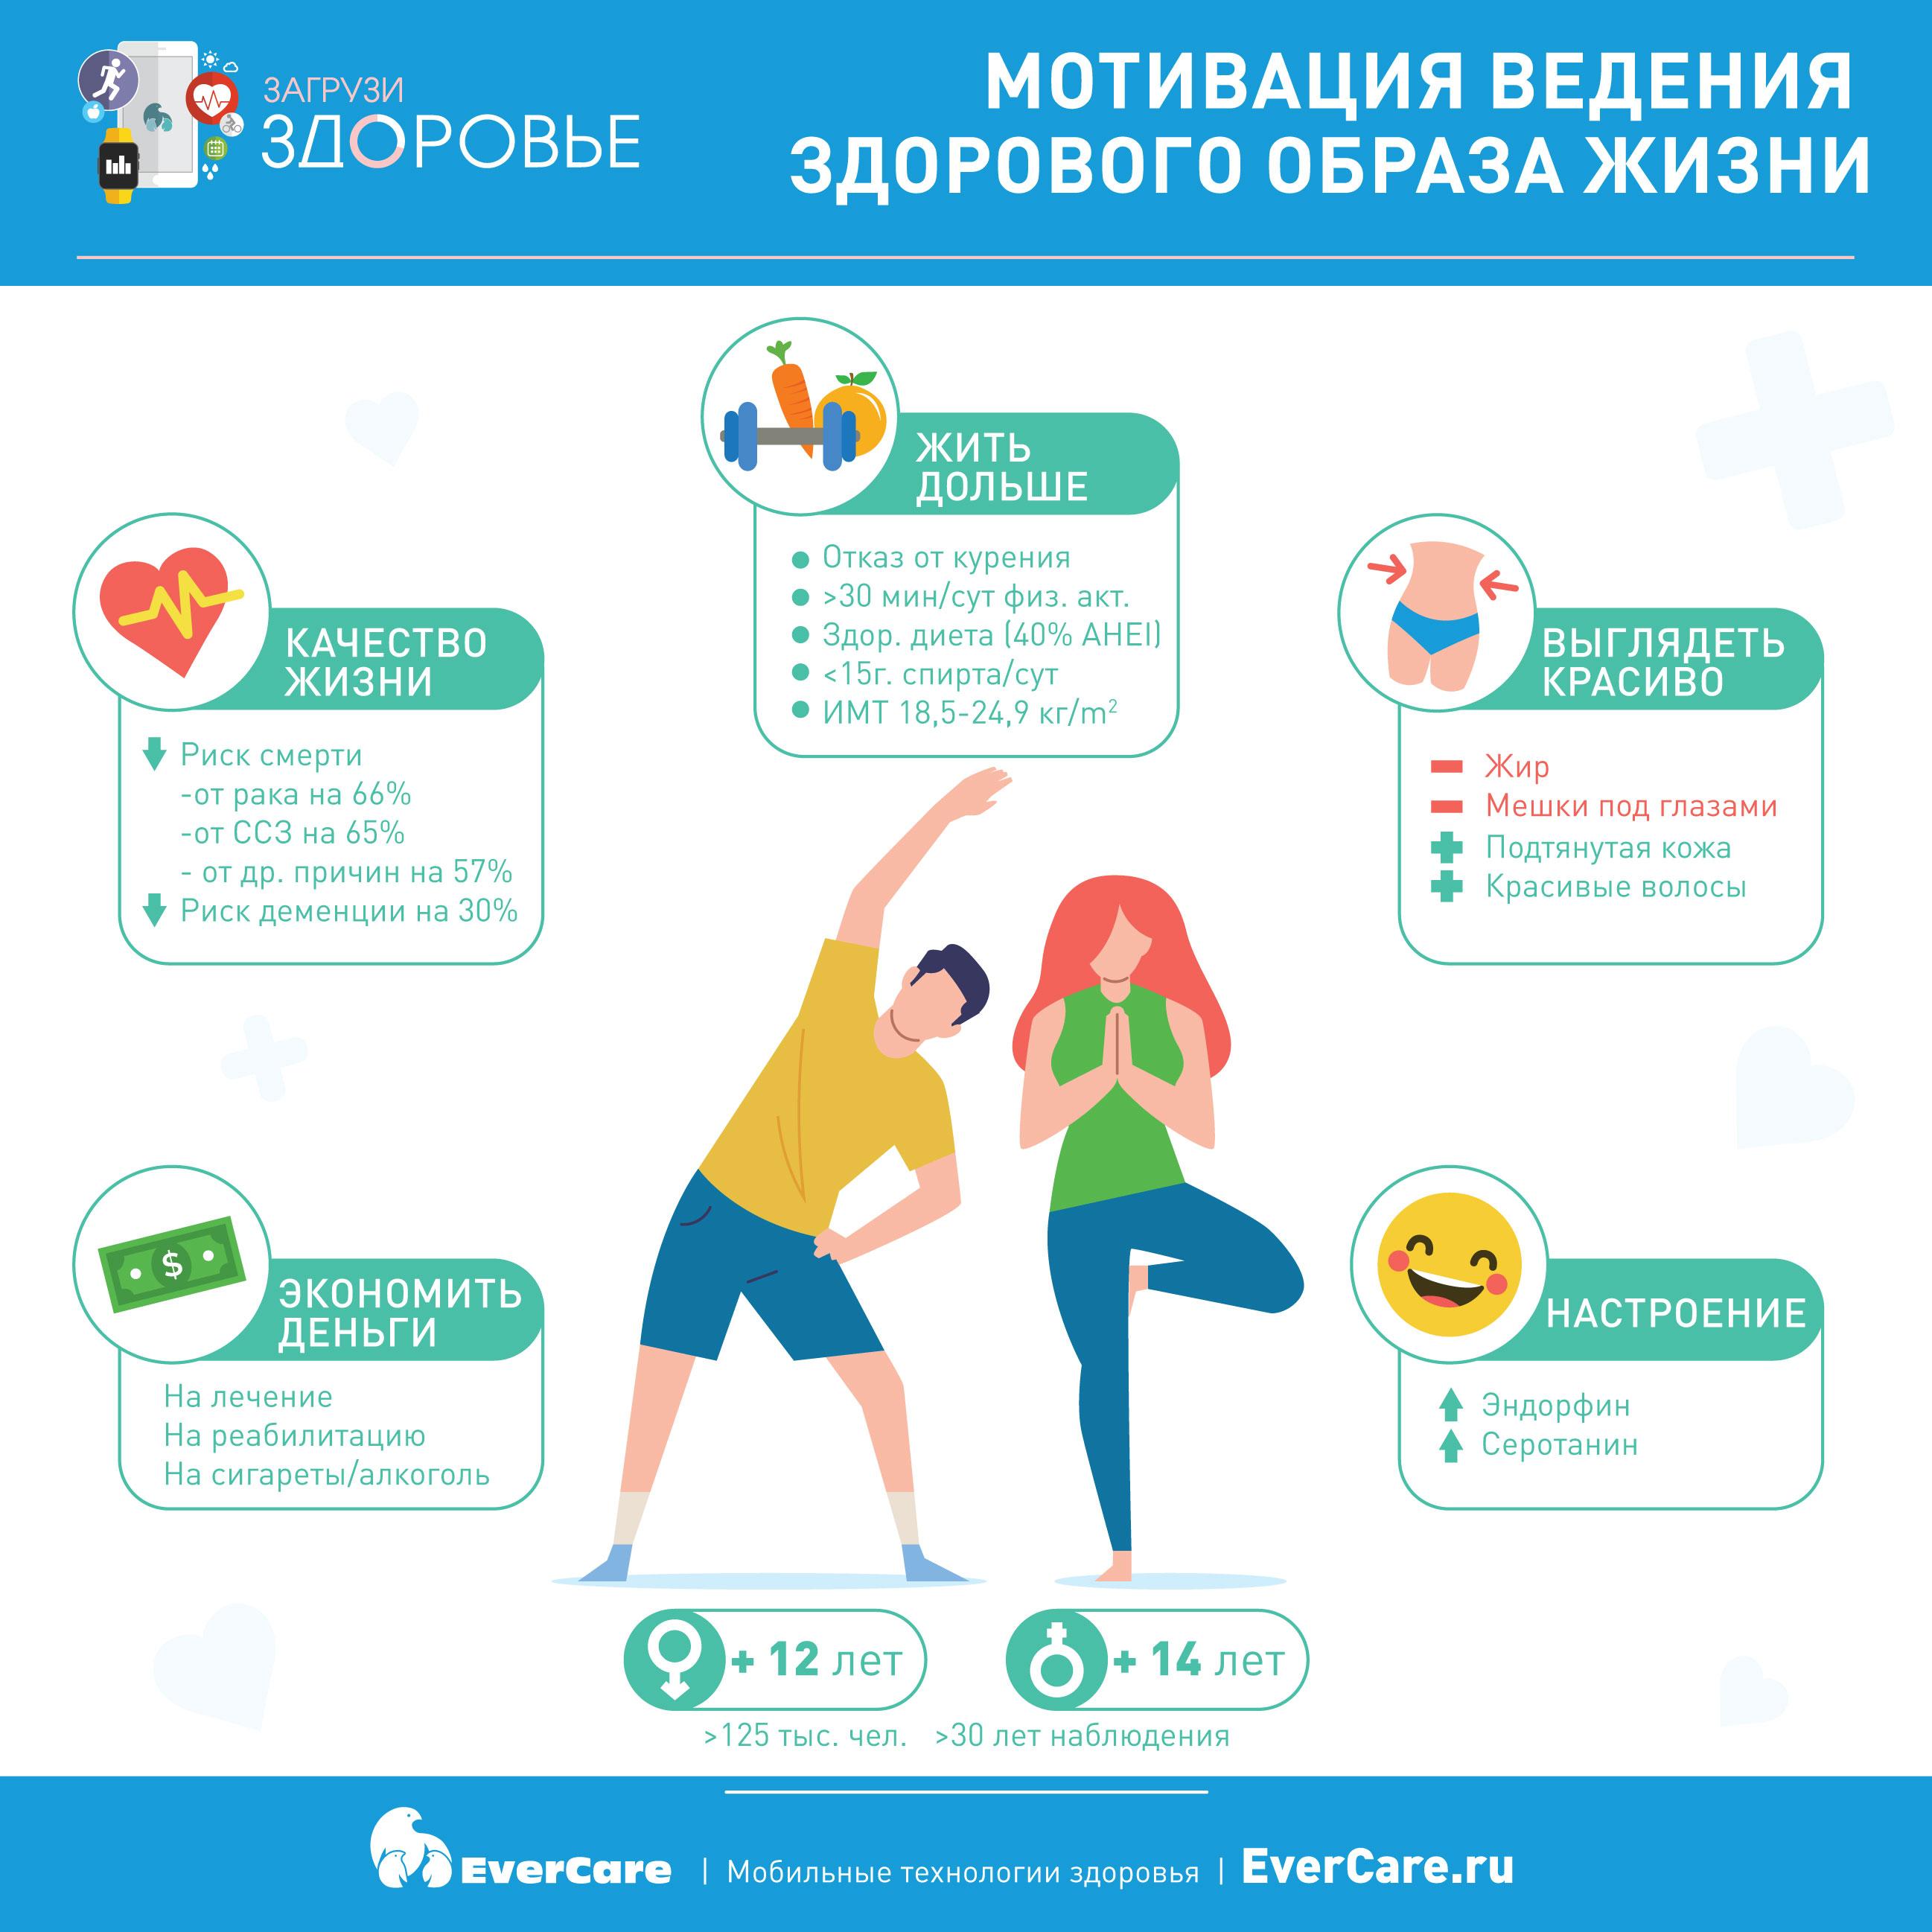 Мотивация ведения ЗОЖ, Инфографика